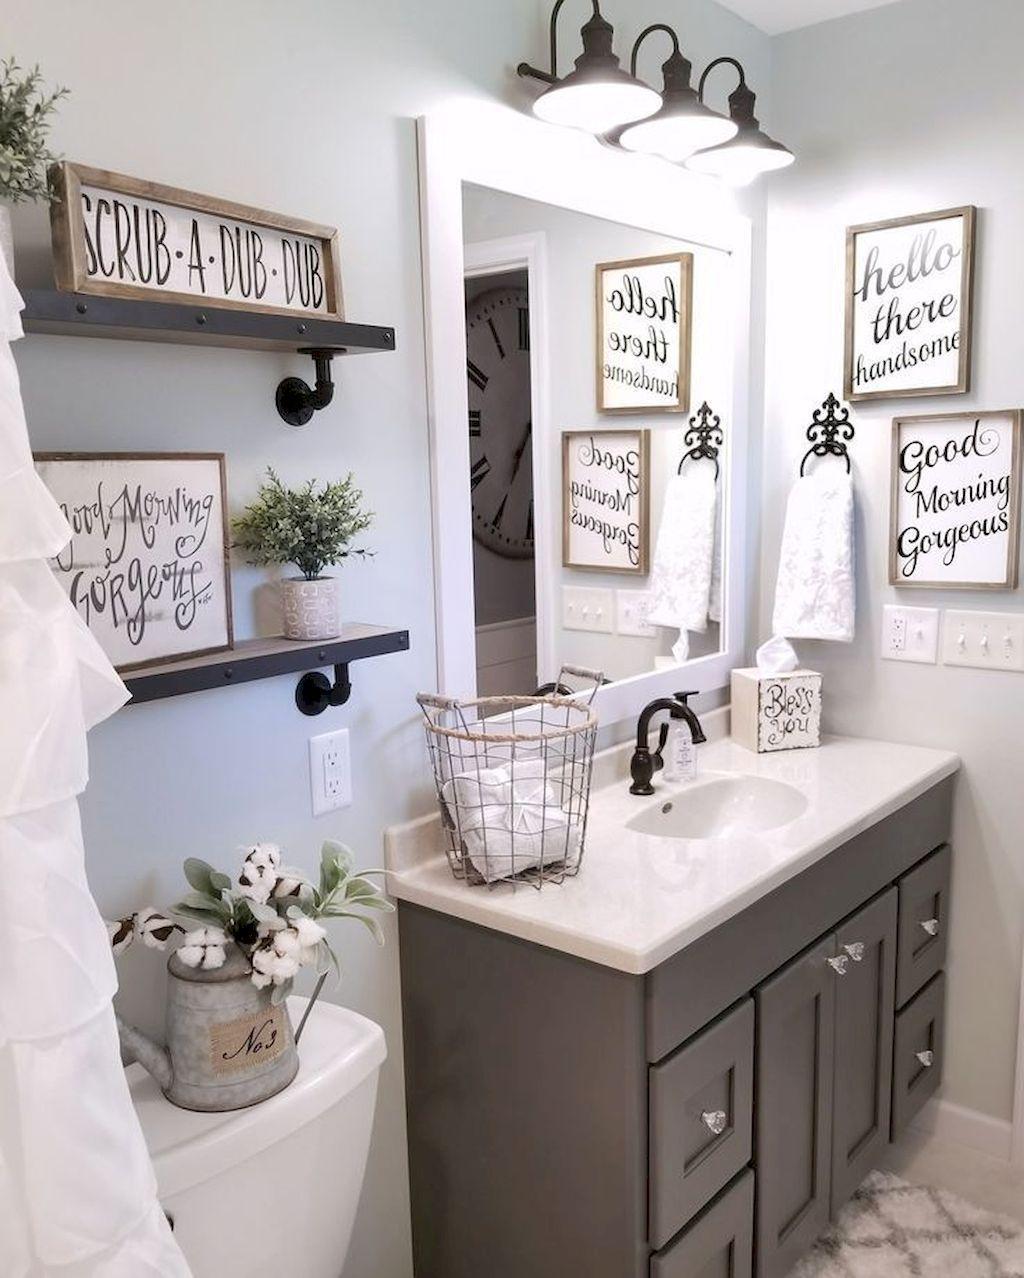 Gorgeous 110 Spectacular Farmhouse Bathroom Decor Ideas Https Roomadness Com 2017 12 15 110 Farmhouse Bathroom Decor Farmhouse Master Bathroom Bathroom Decor